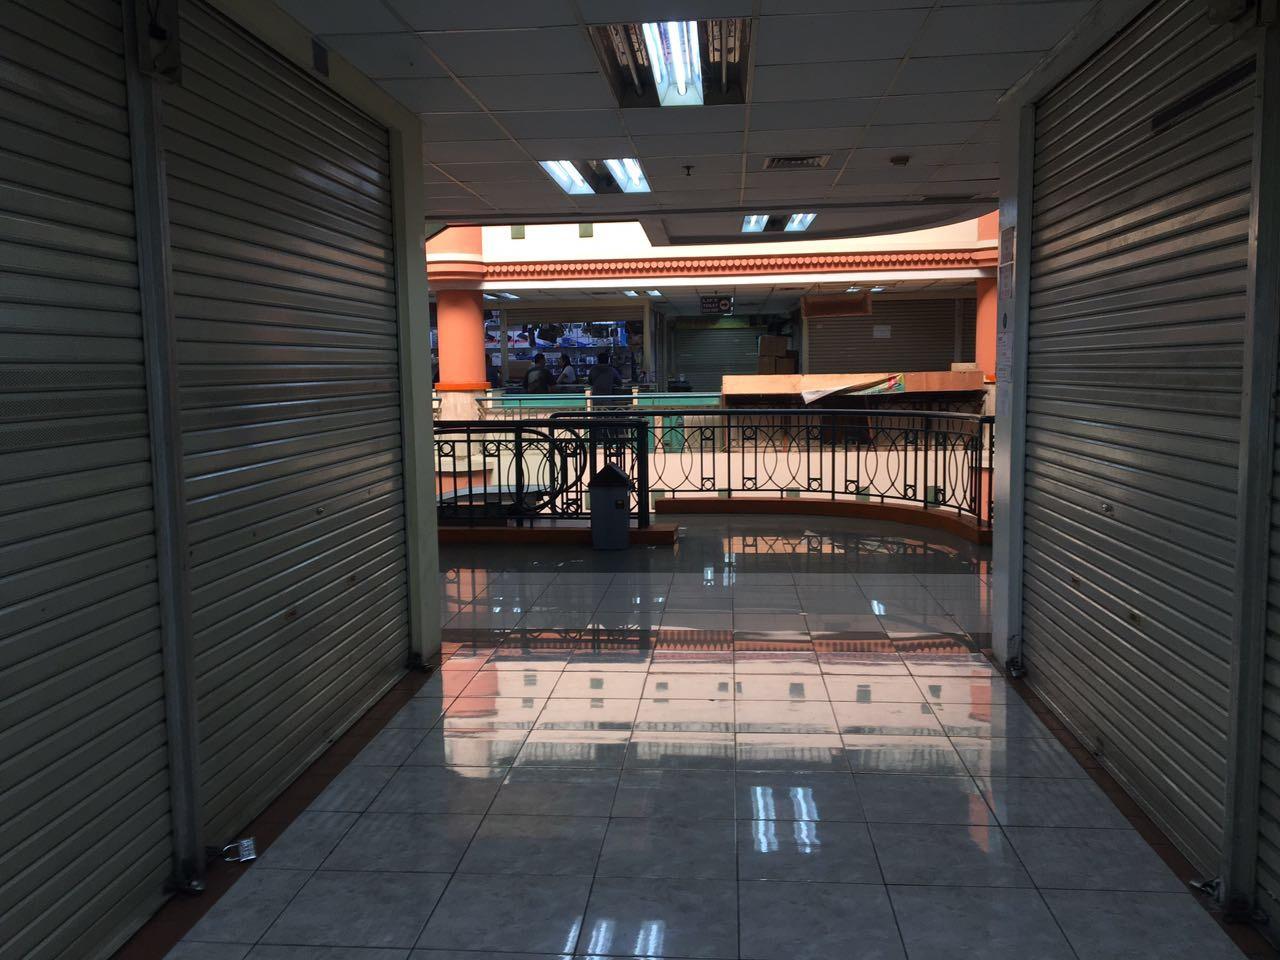 Pembeli Toko Elektronik Glodok Beralih Jadi Kantor Sepi Pasar Kota